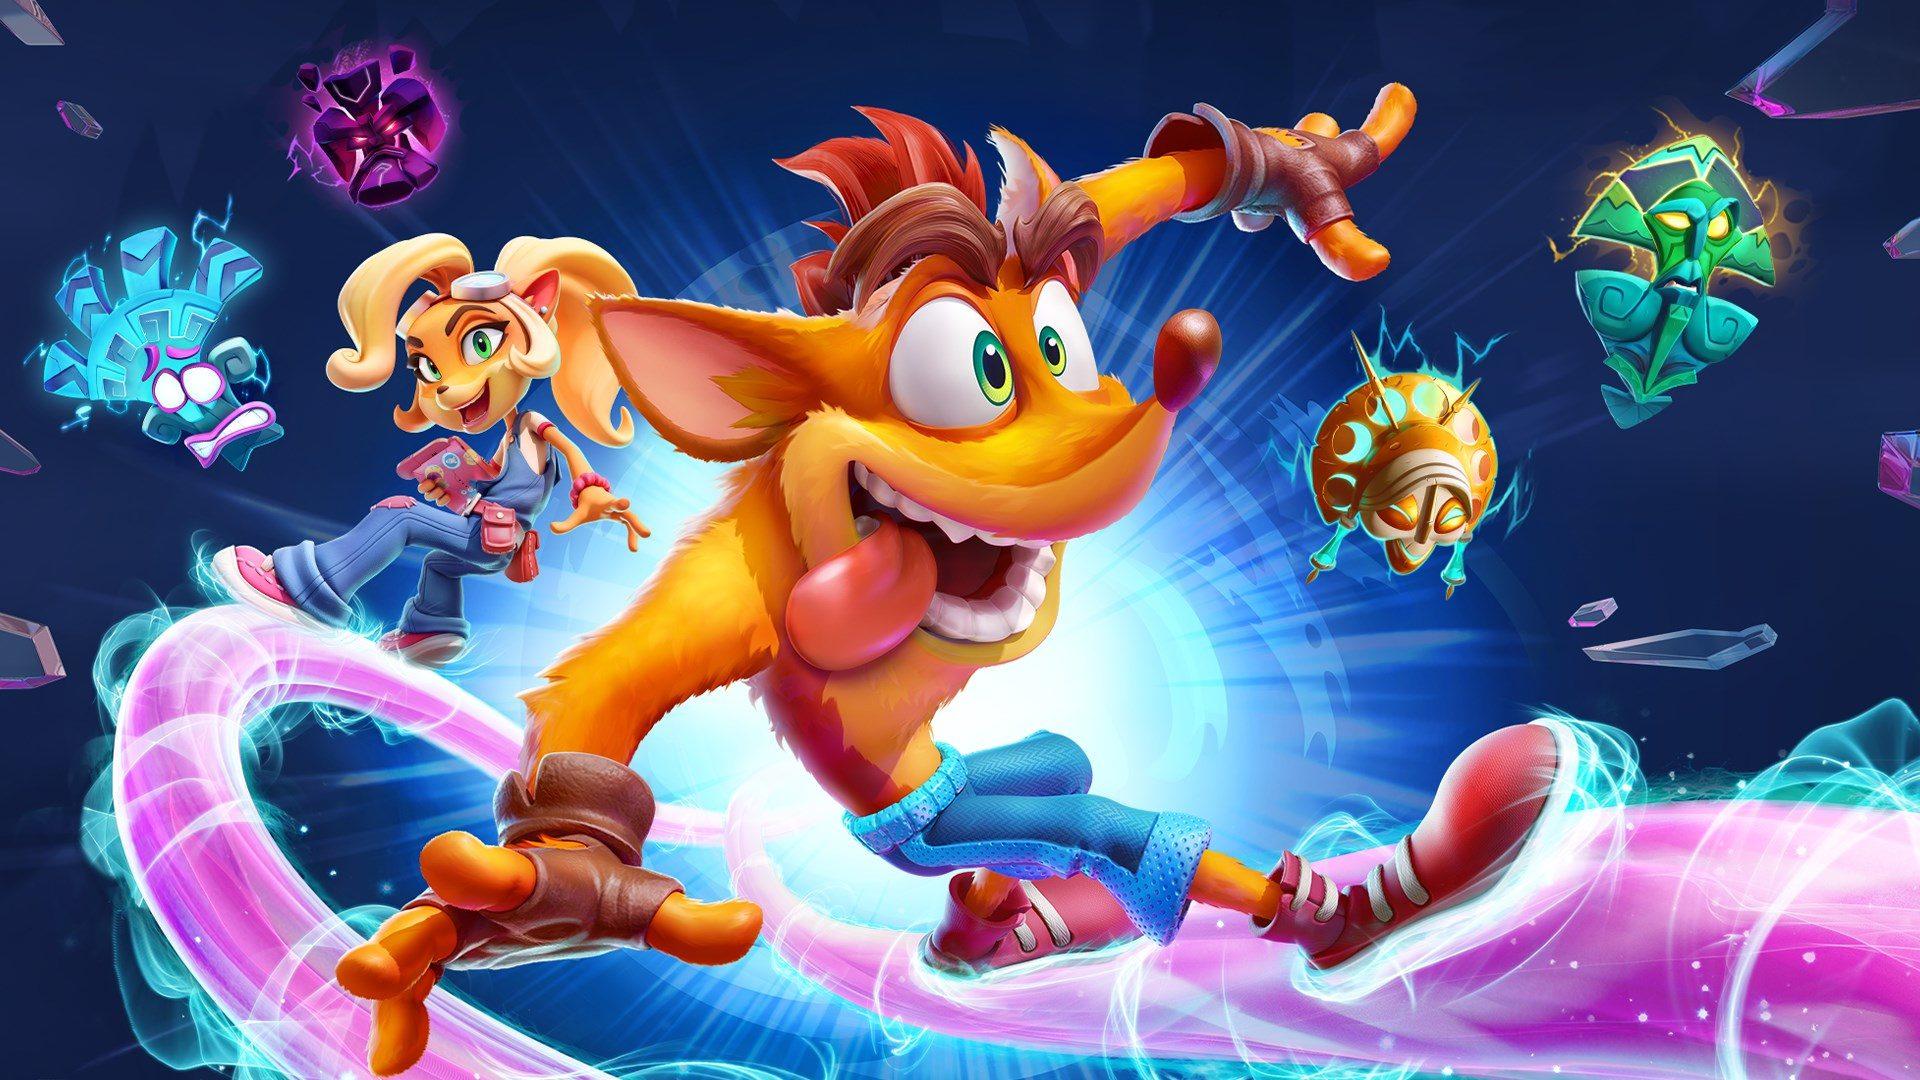 crash bandicoot 4 nuovo gioco